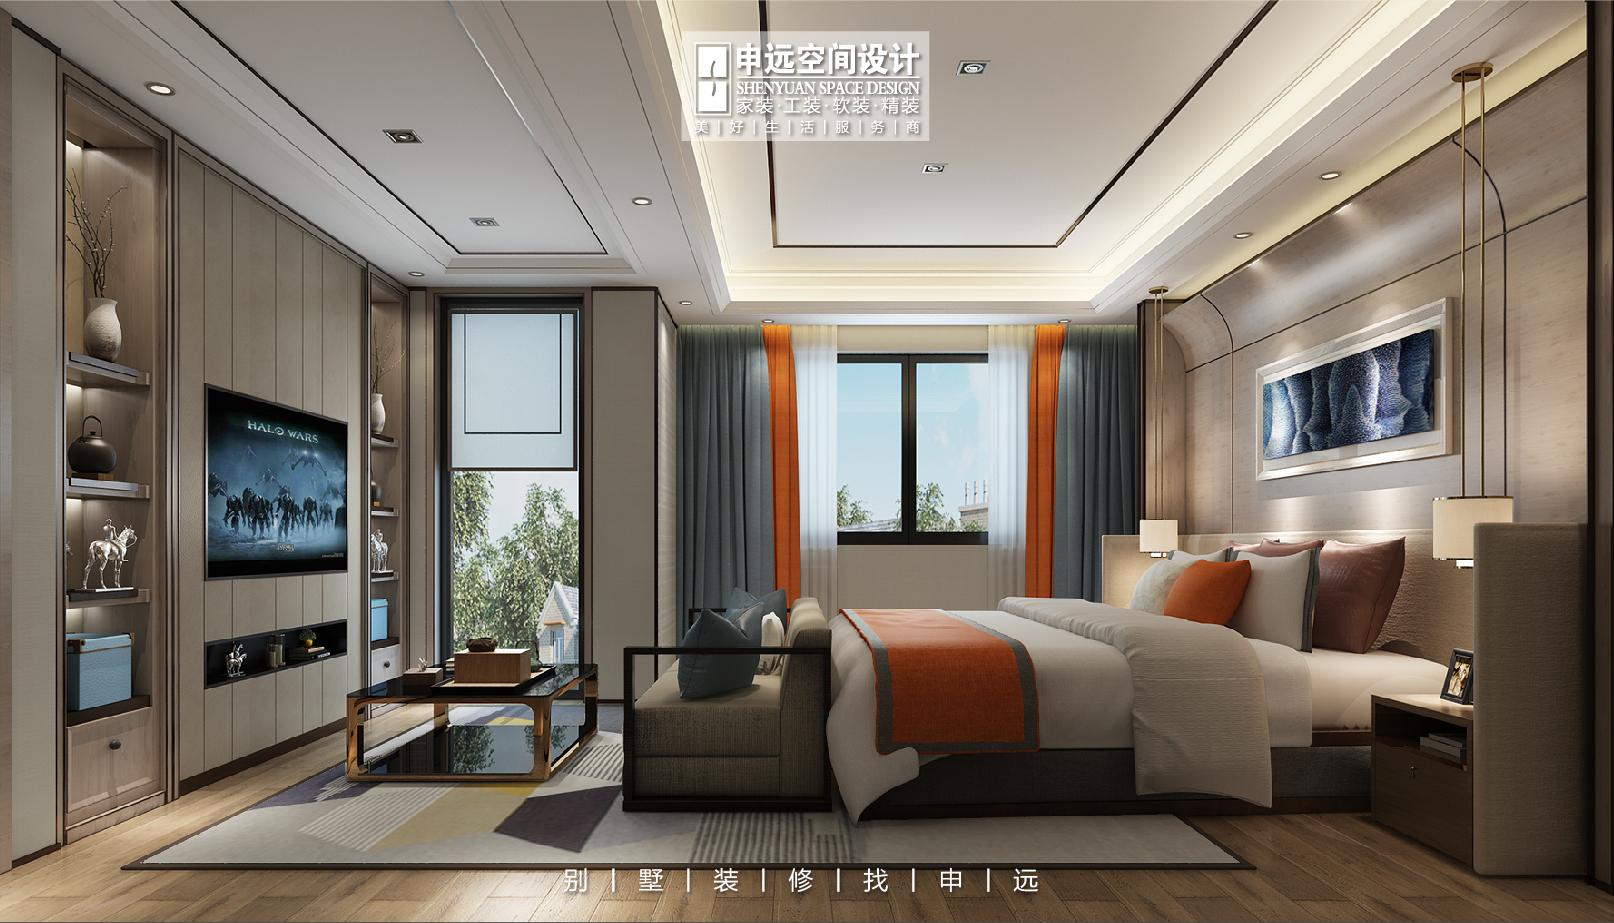 北京申远 别墅装修 别墅 卧室图片来自申远空间设计北京分公司在北京申远空间设计-别墅装修设计的分享